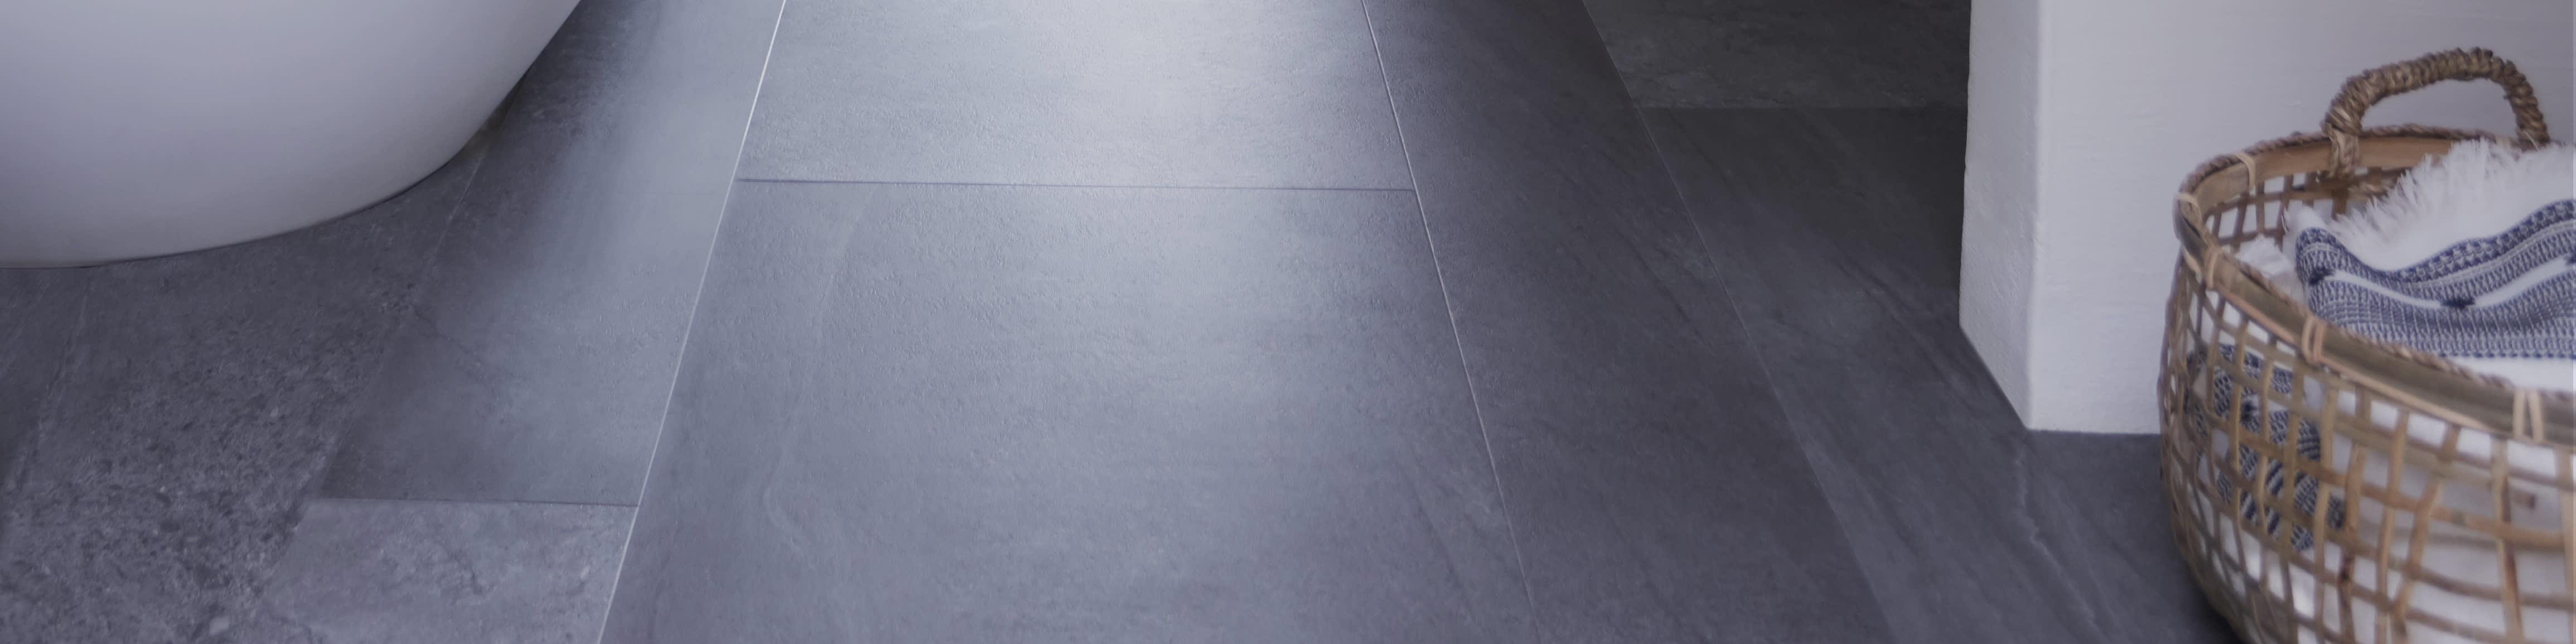 Lino effet béton, sol vinyle aspect béton